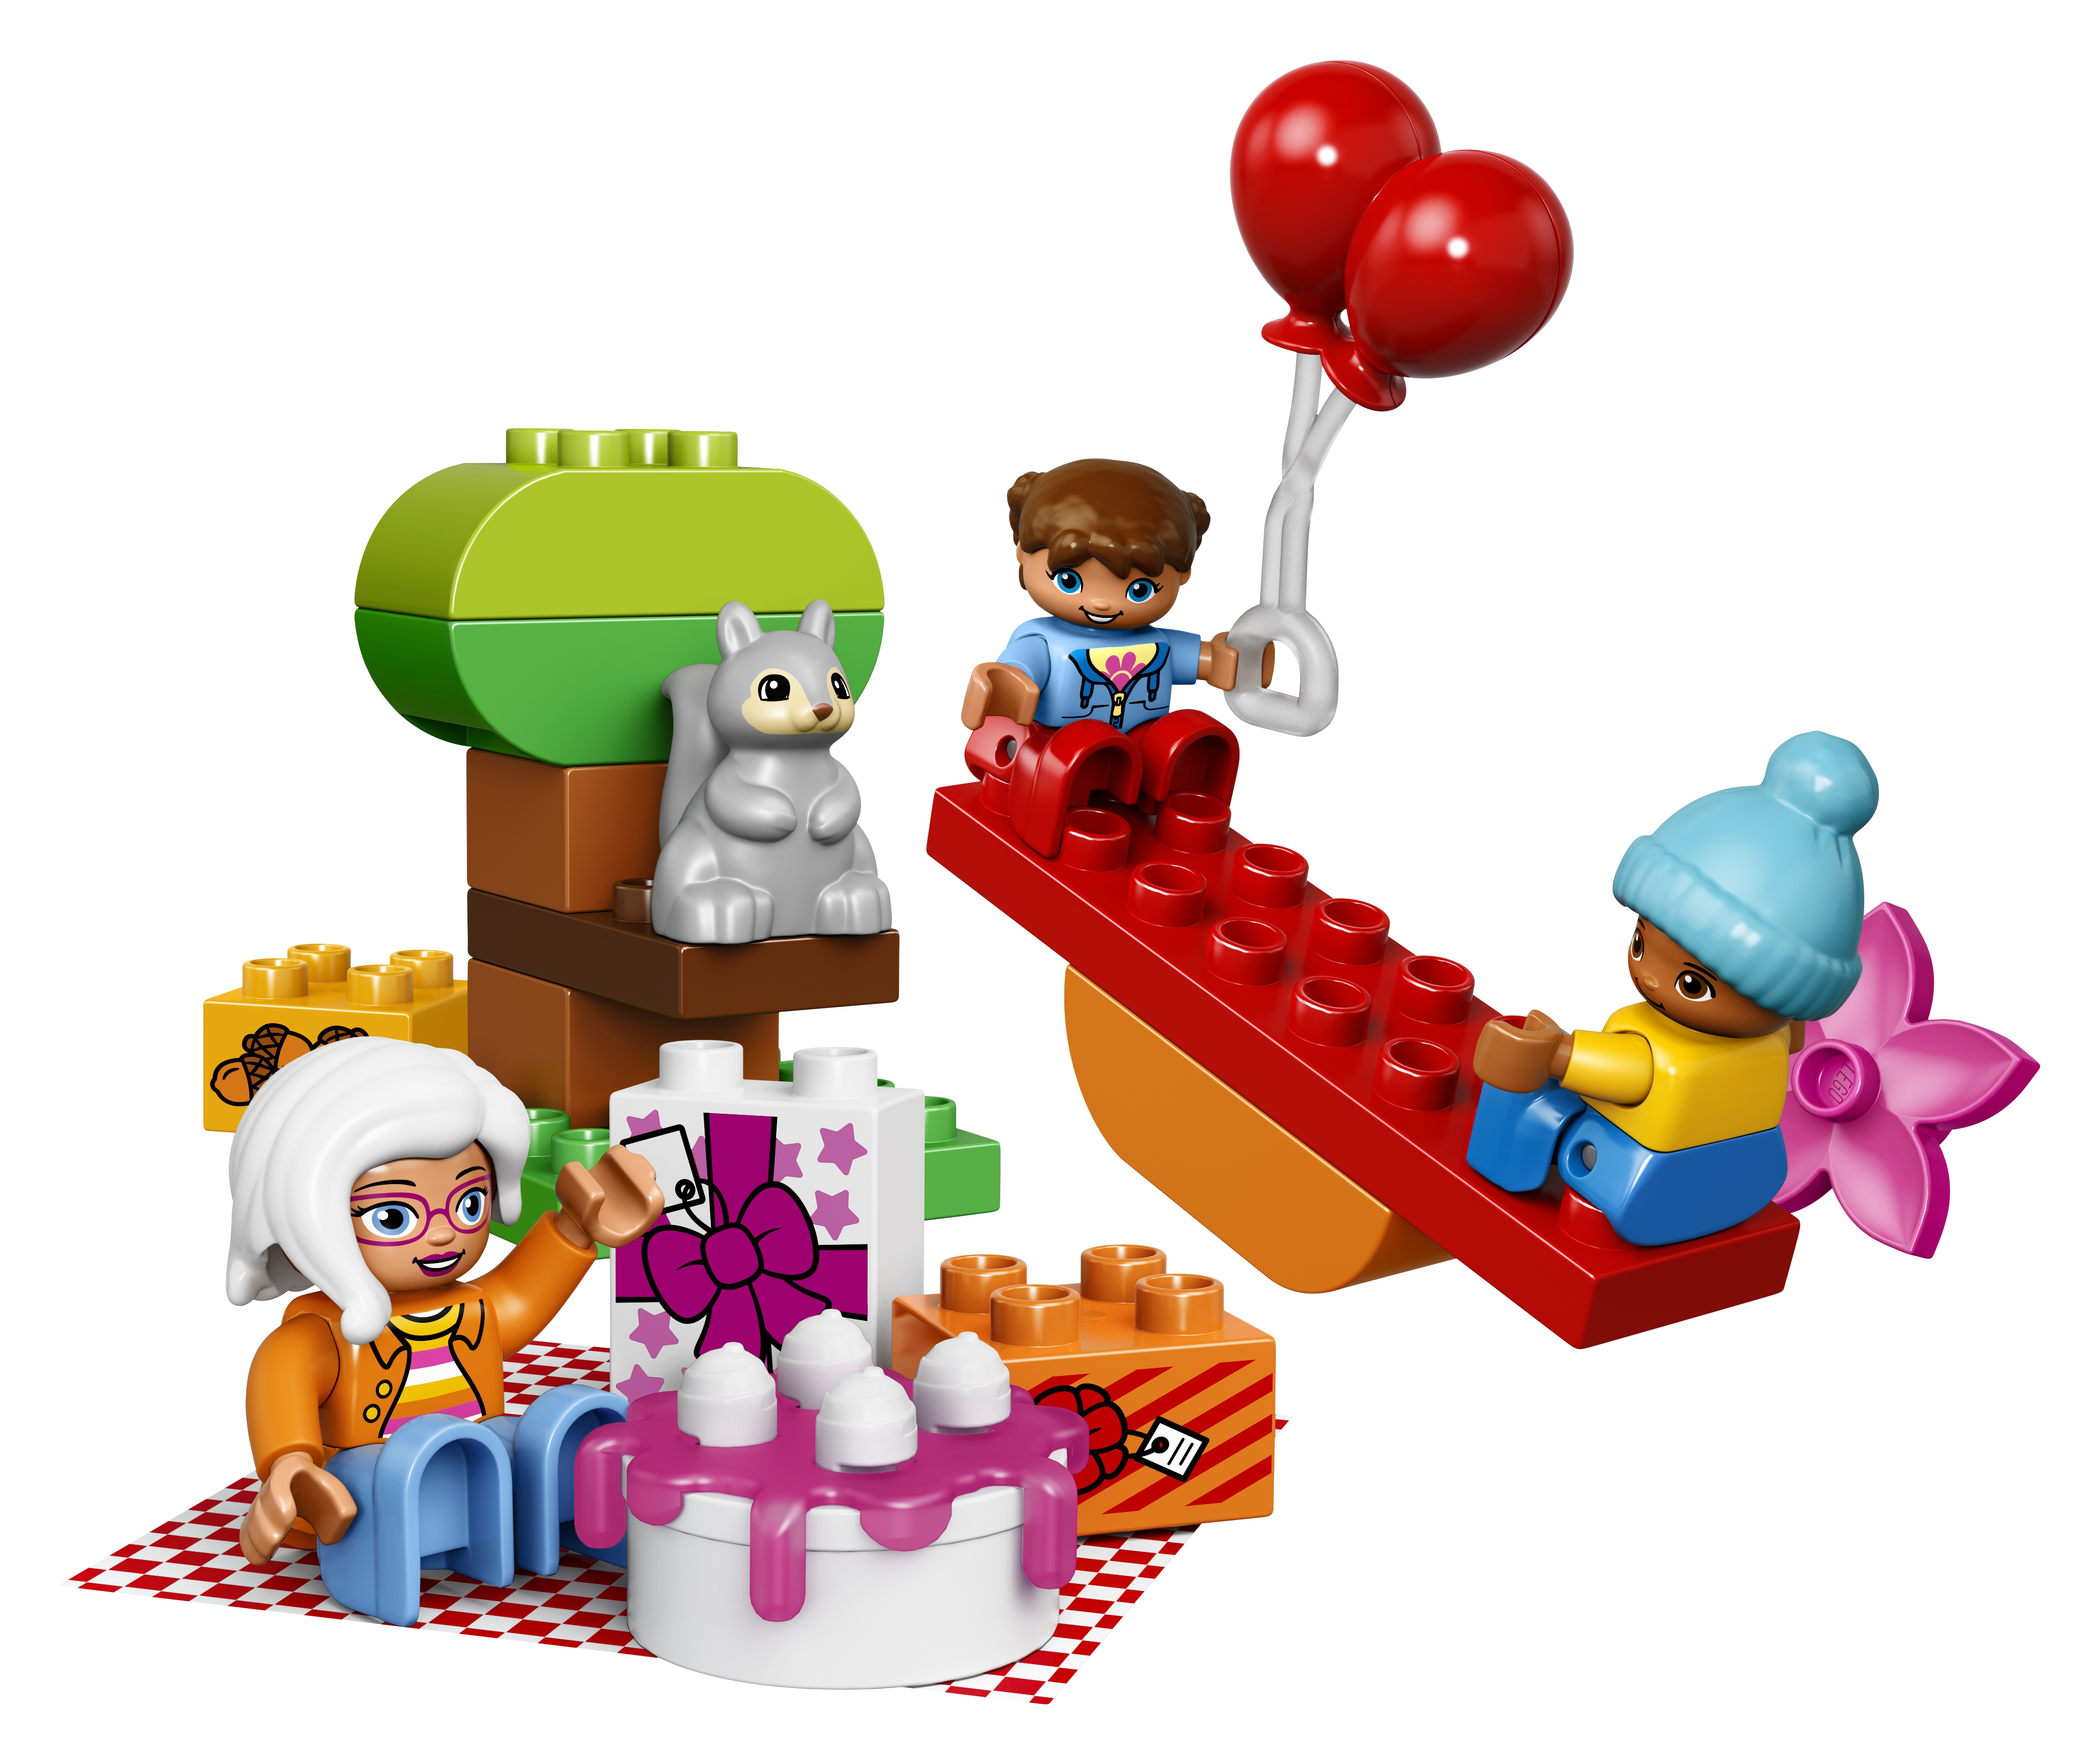 Конструктор LEGO Duplo Town 10832 День рождения lego duplo lego 10873 день рождения минни